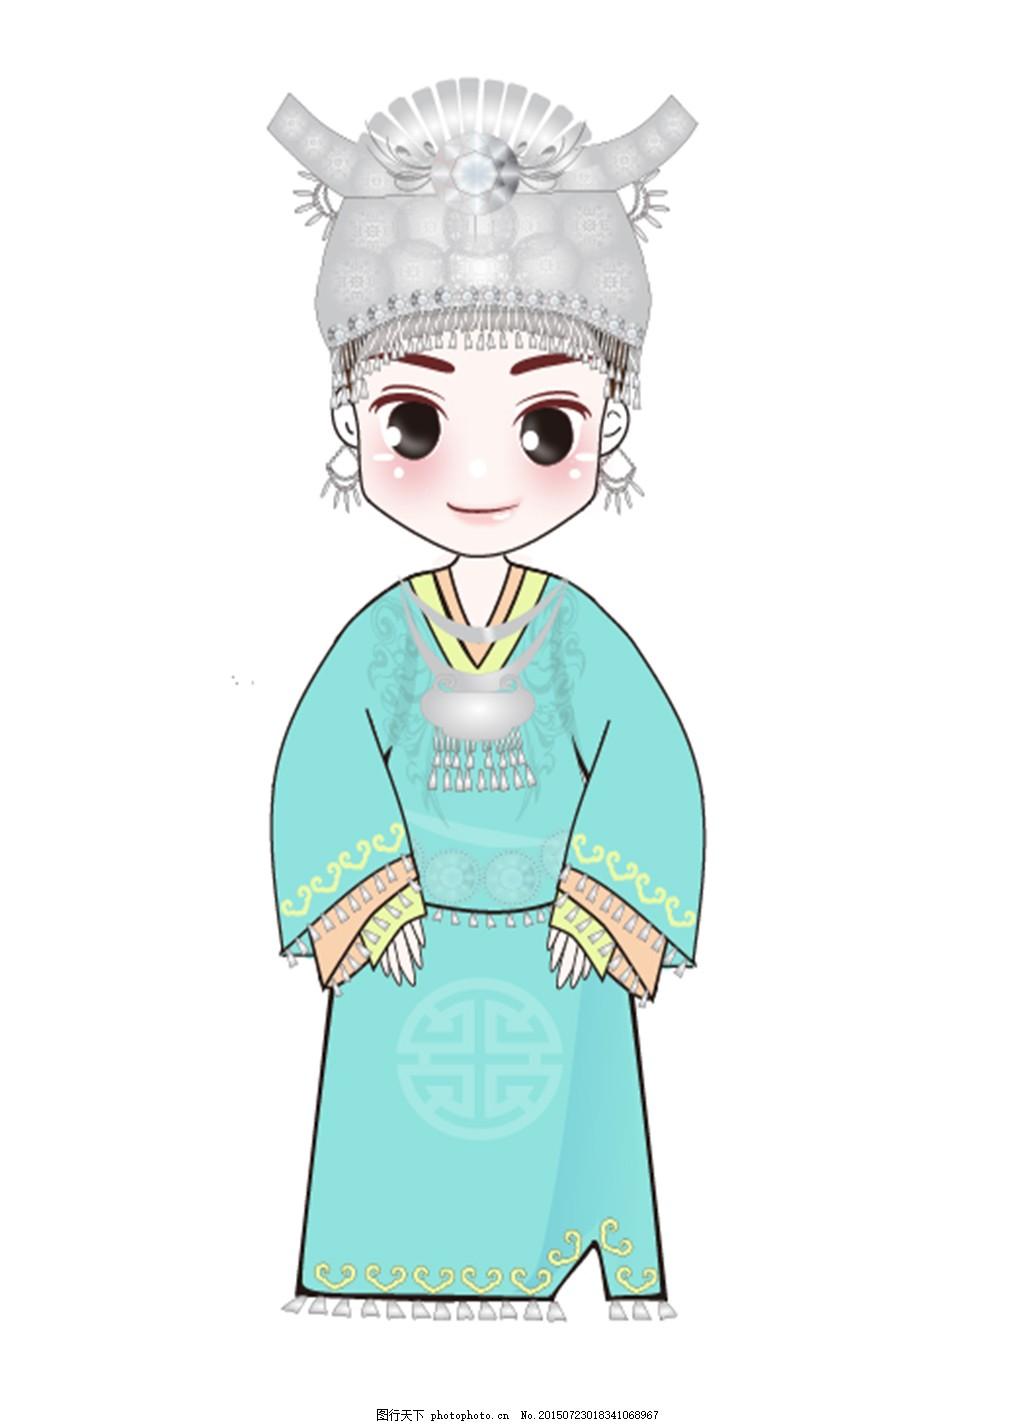 56个民族 q版人物 服饰 古典 古装人物 红色 婚礼 头饰 帽子 节日